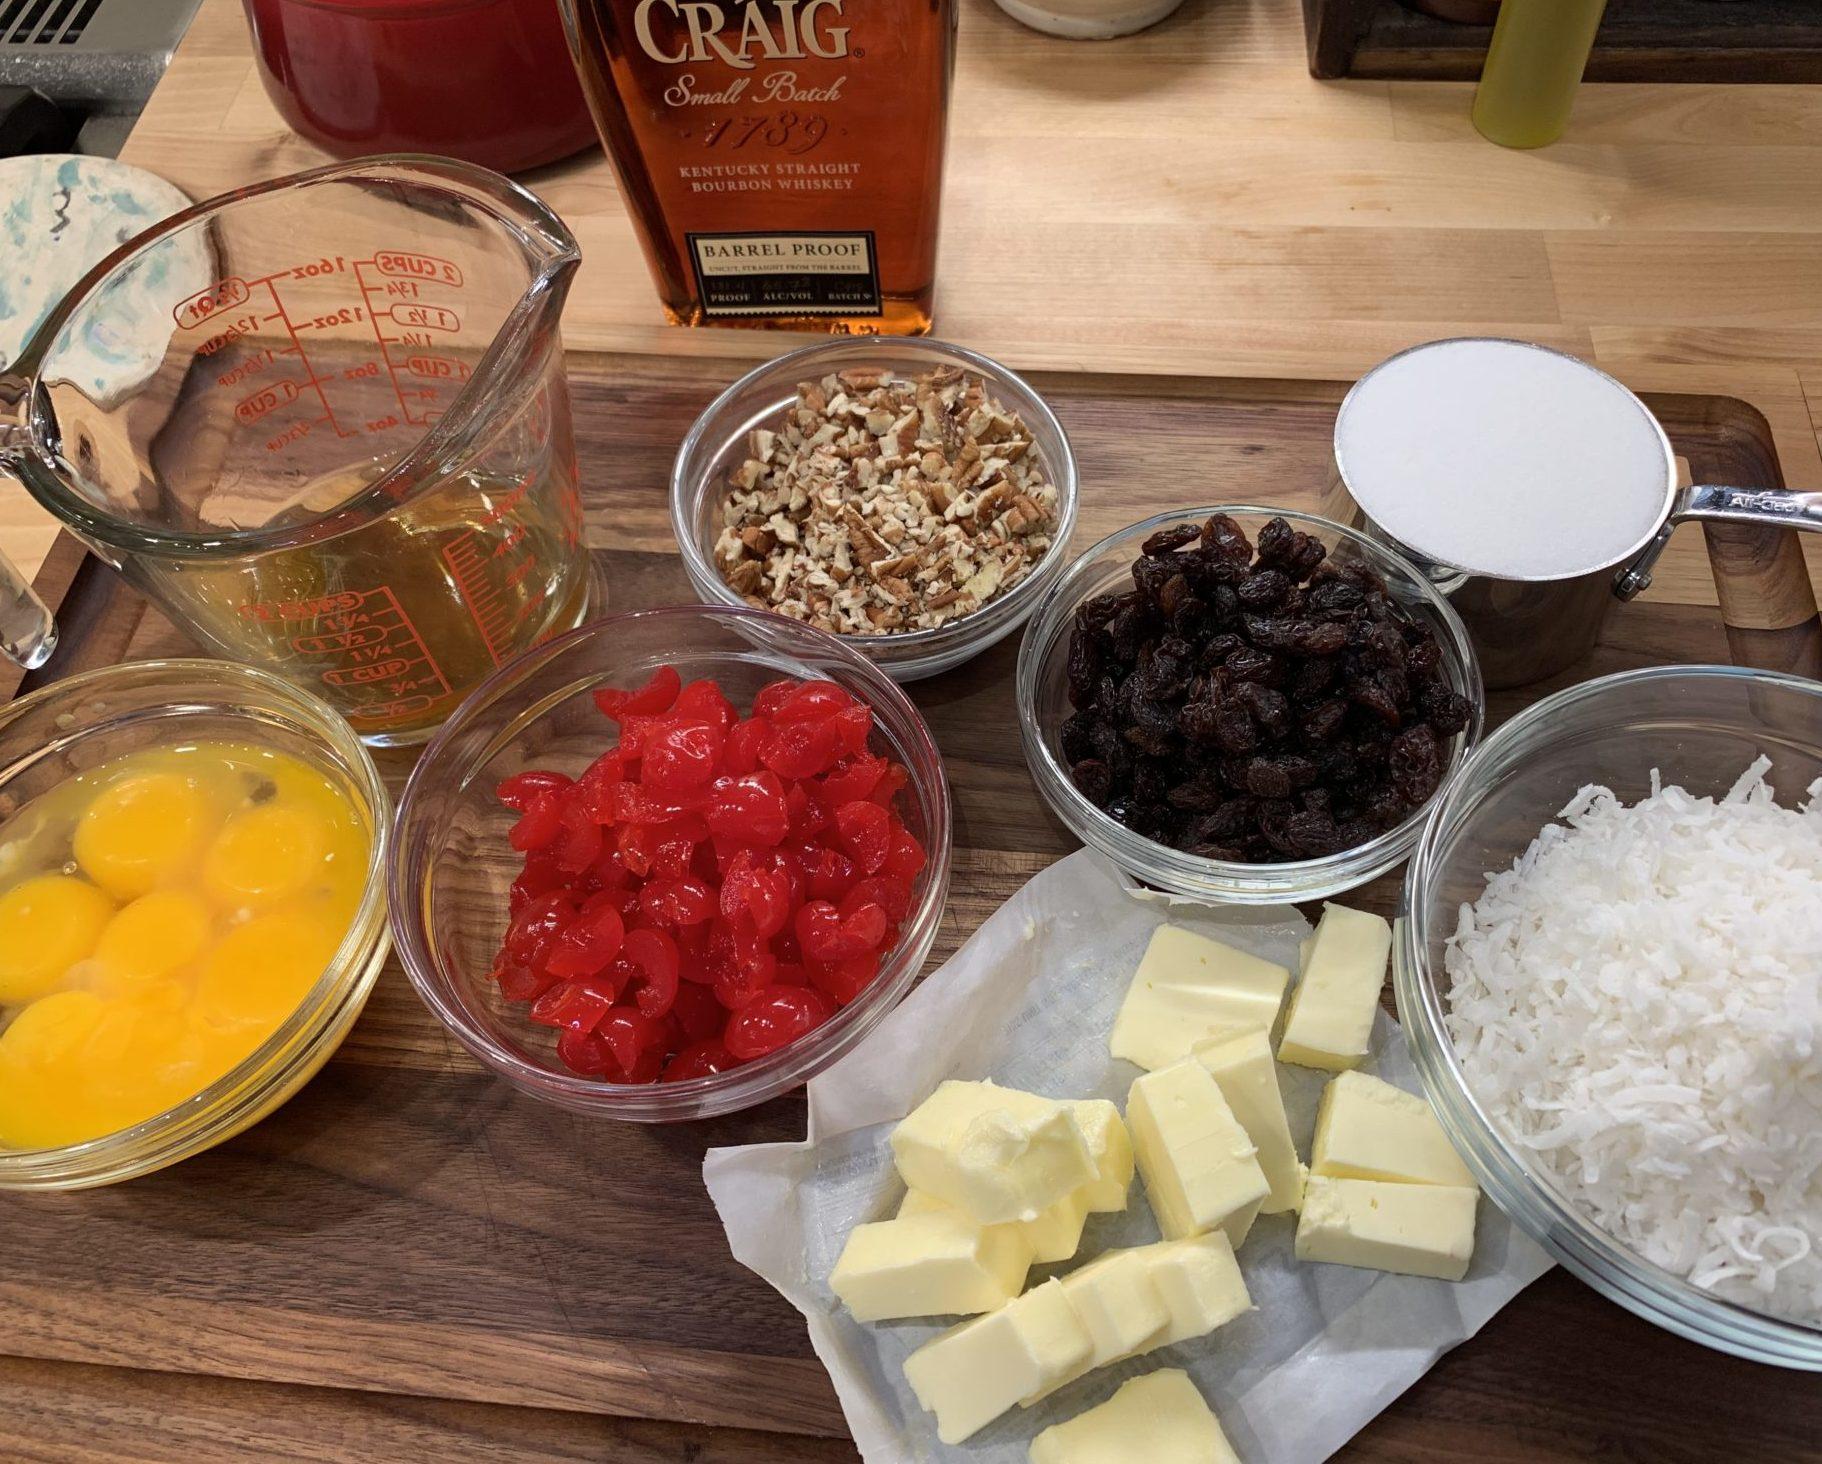 Ingredients for Lane Cake filling